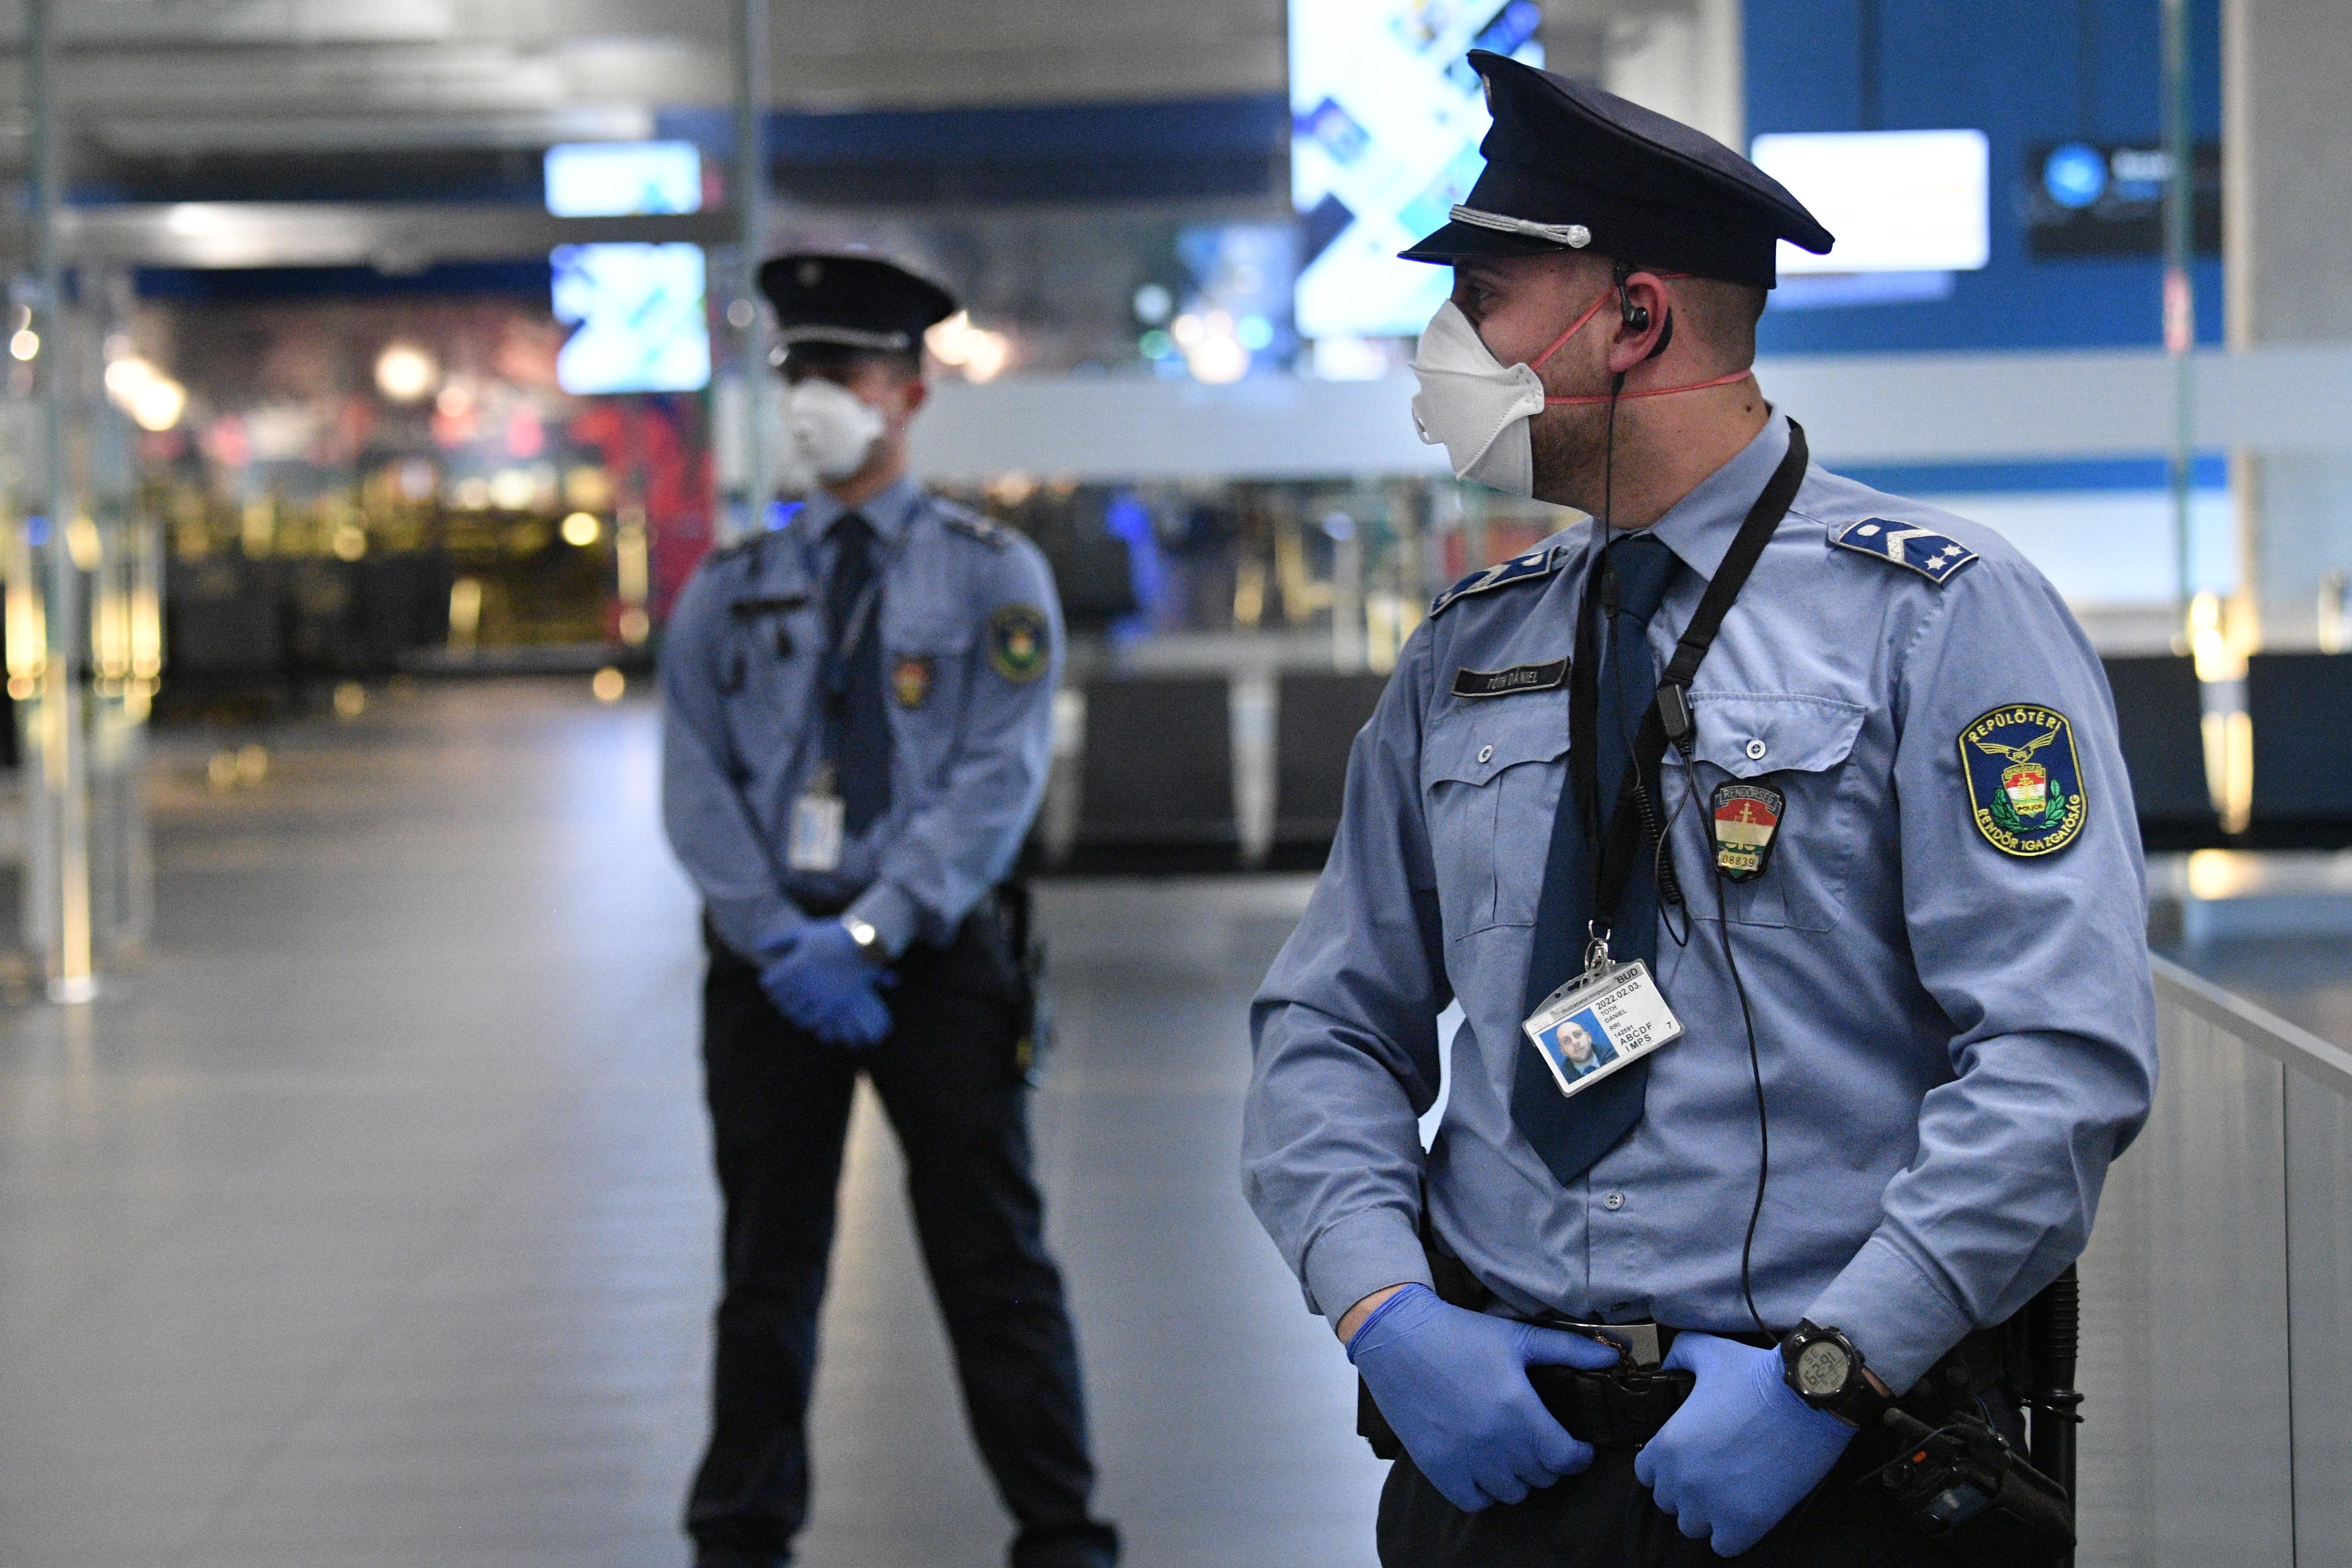 Ön aláírná, hogy Magyarország közrendjére, közbiztonságára, nemzetbiztonságára vagy közegészségügyére súlyos veszélyt jelent?